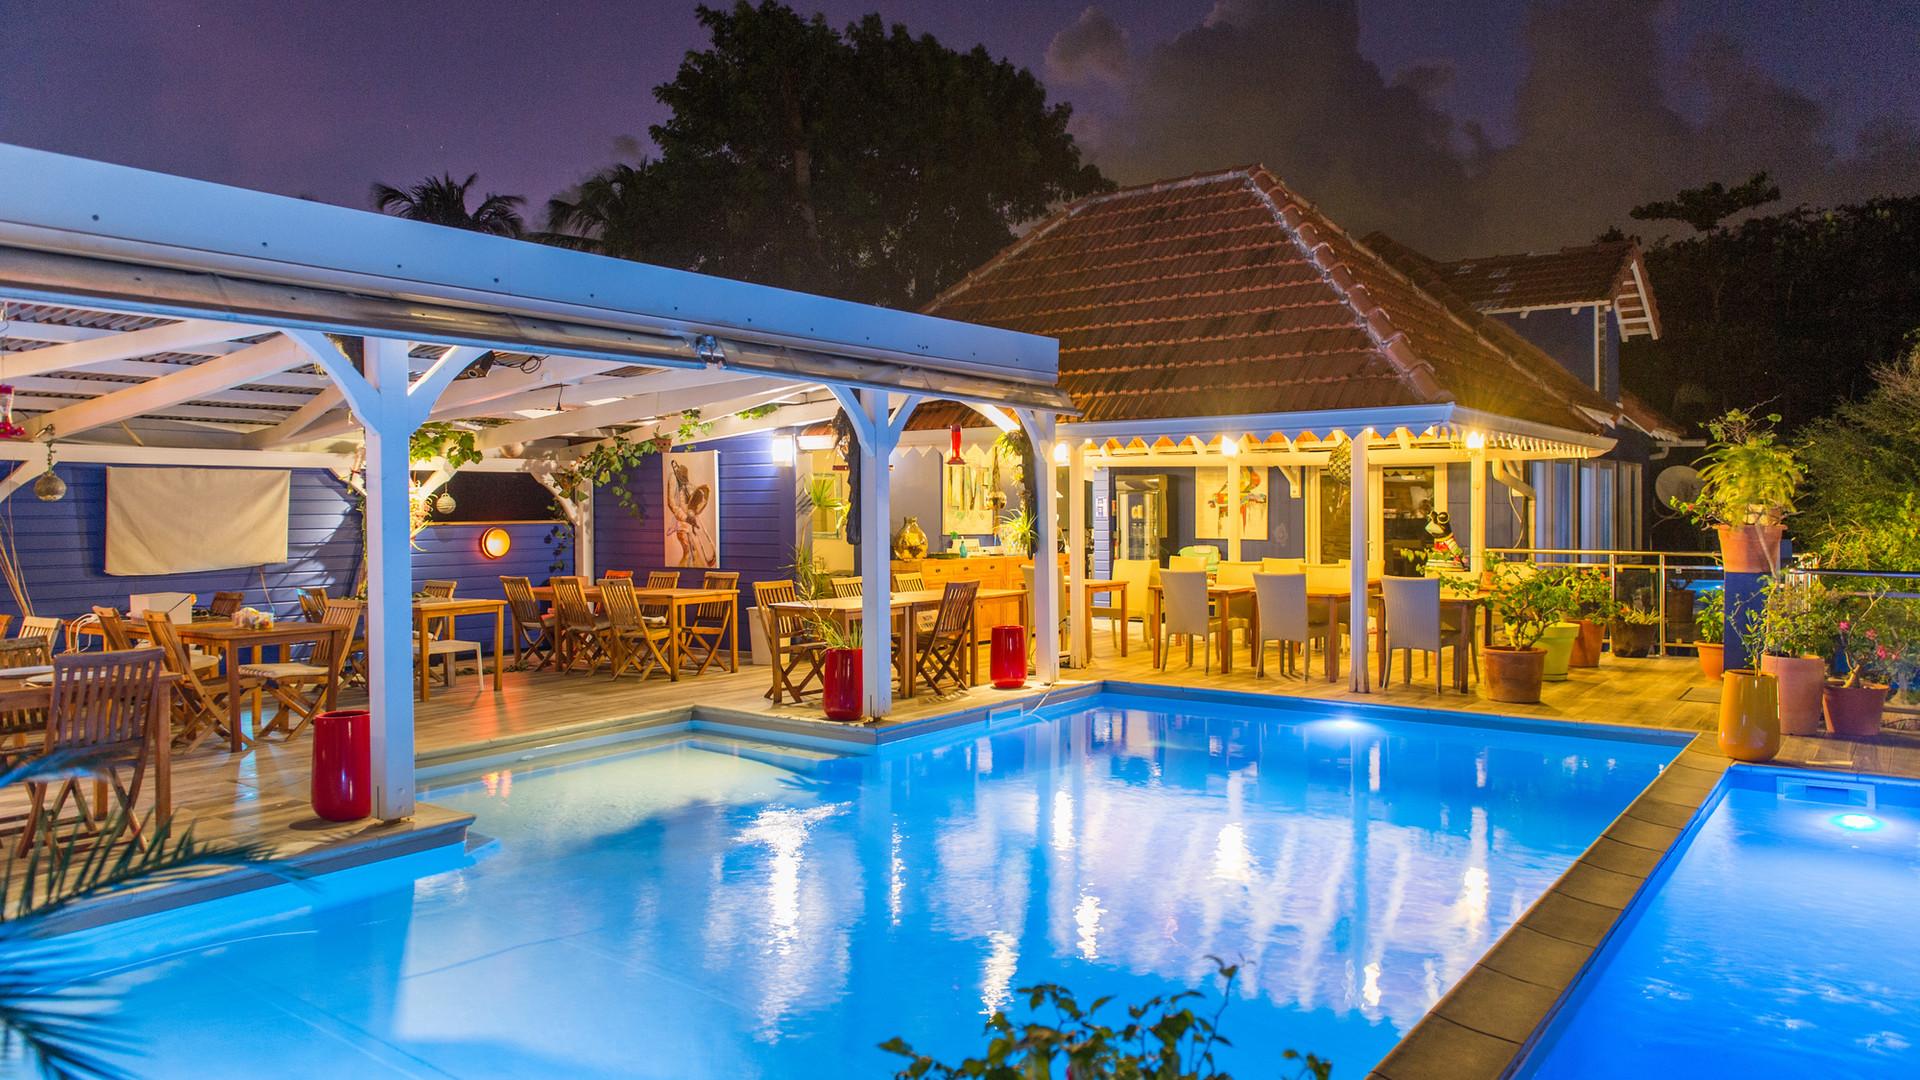 餐廳游泳池nuit103_9187.jpg